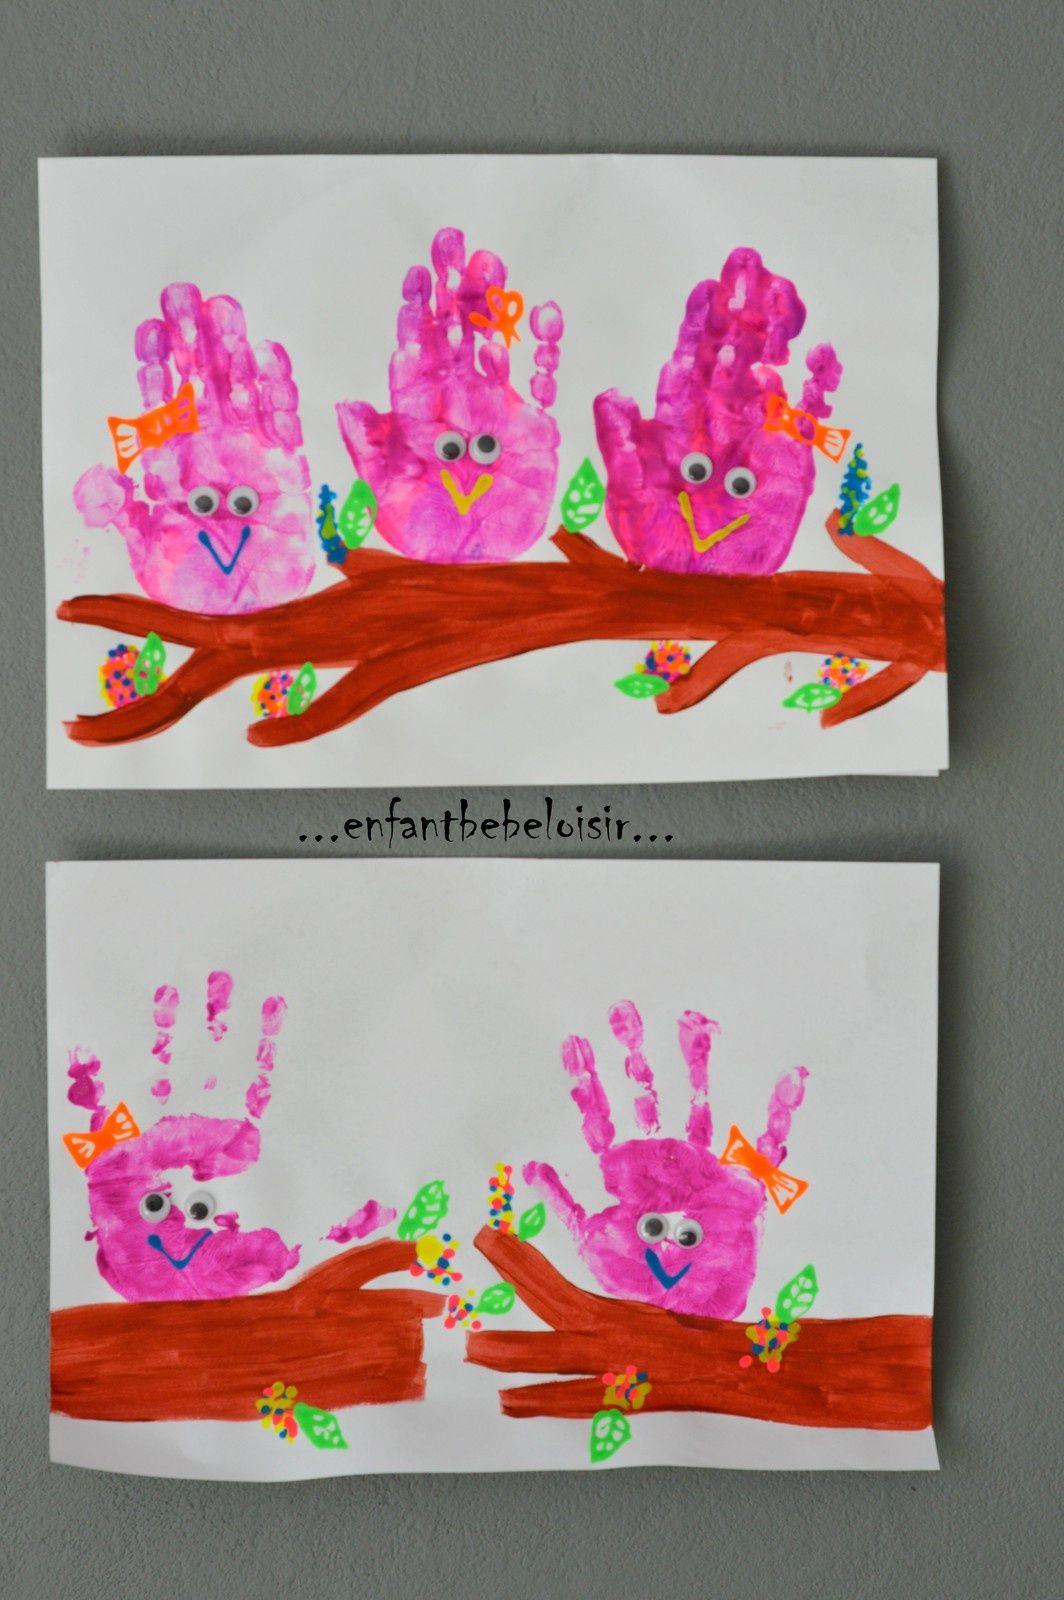 Loisirs Creatifs 2 3 4 Ans | Peinture Avec Les Mains concernant Activité Manuelle Enfant 3 Ans